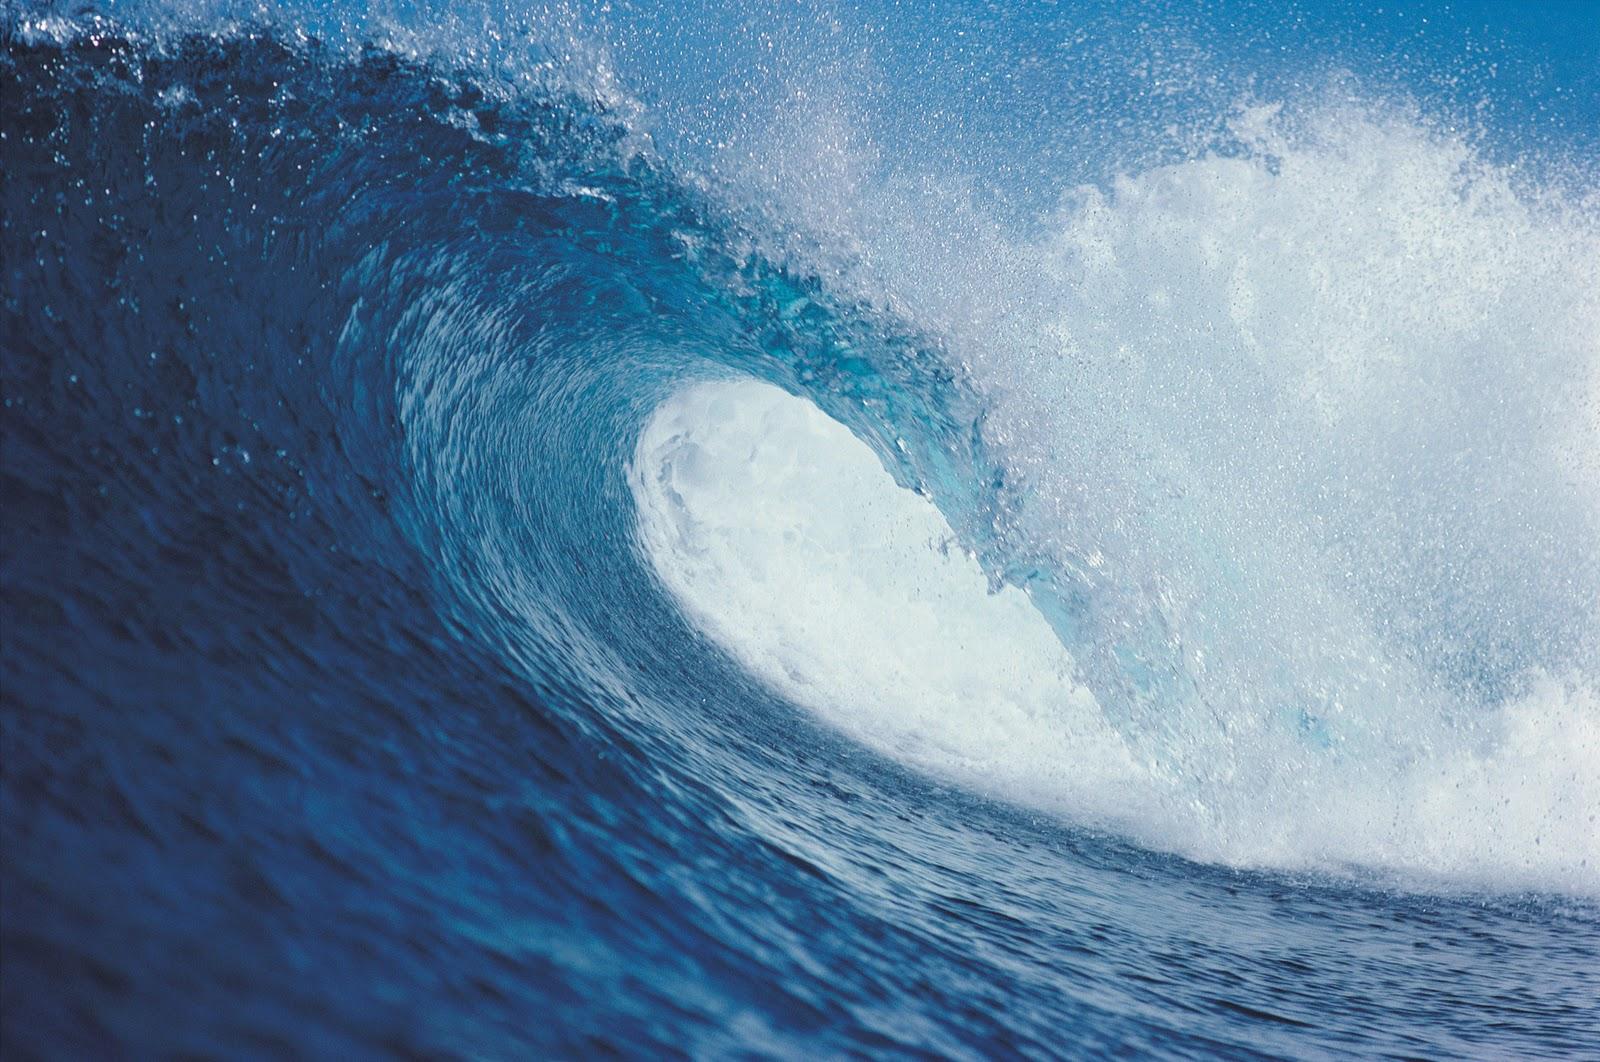 Download 630 Koleksi Wallpaper Iphone Laut Hd Terbaik